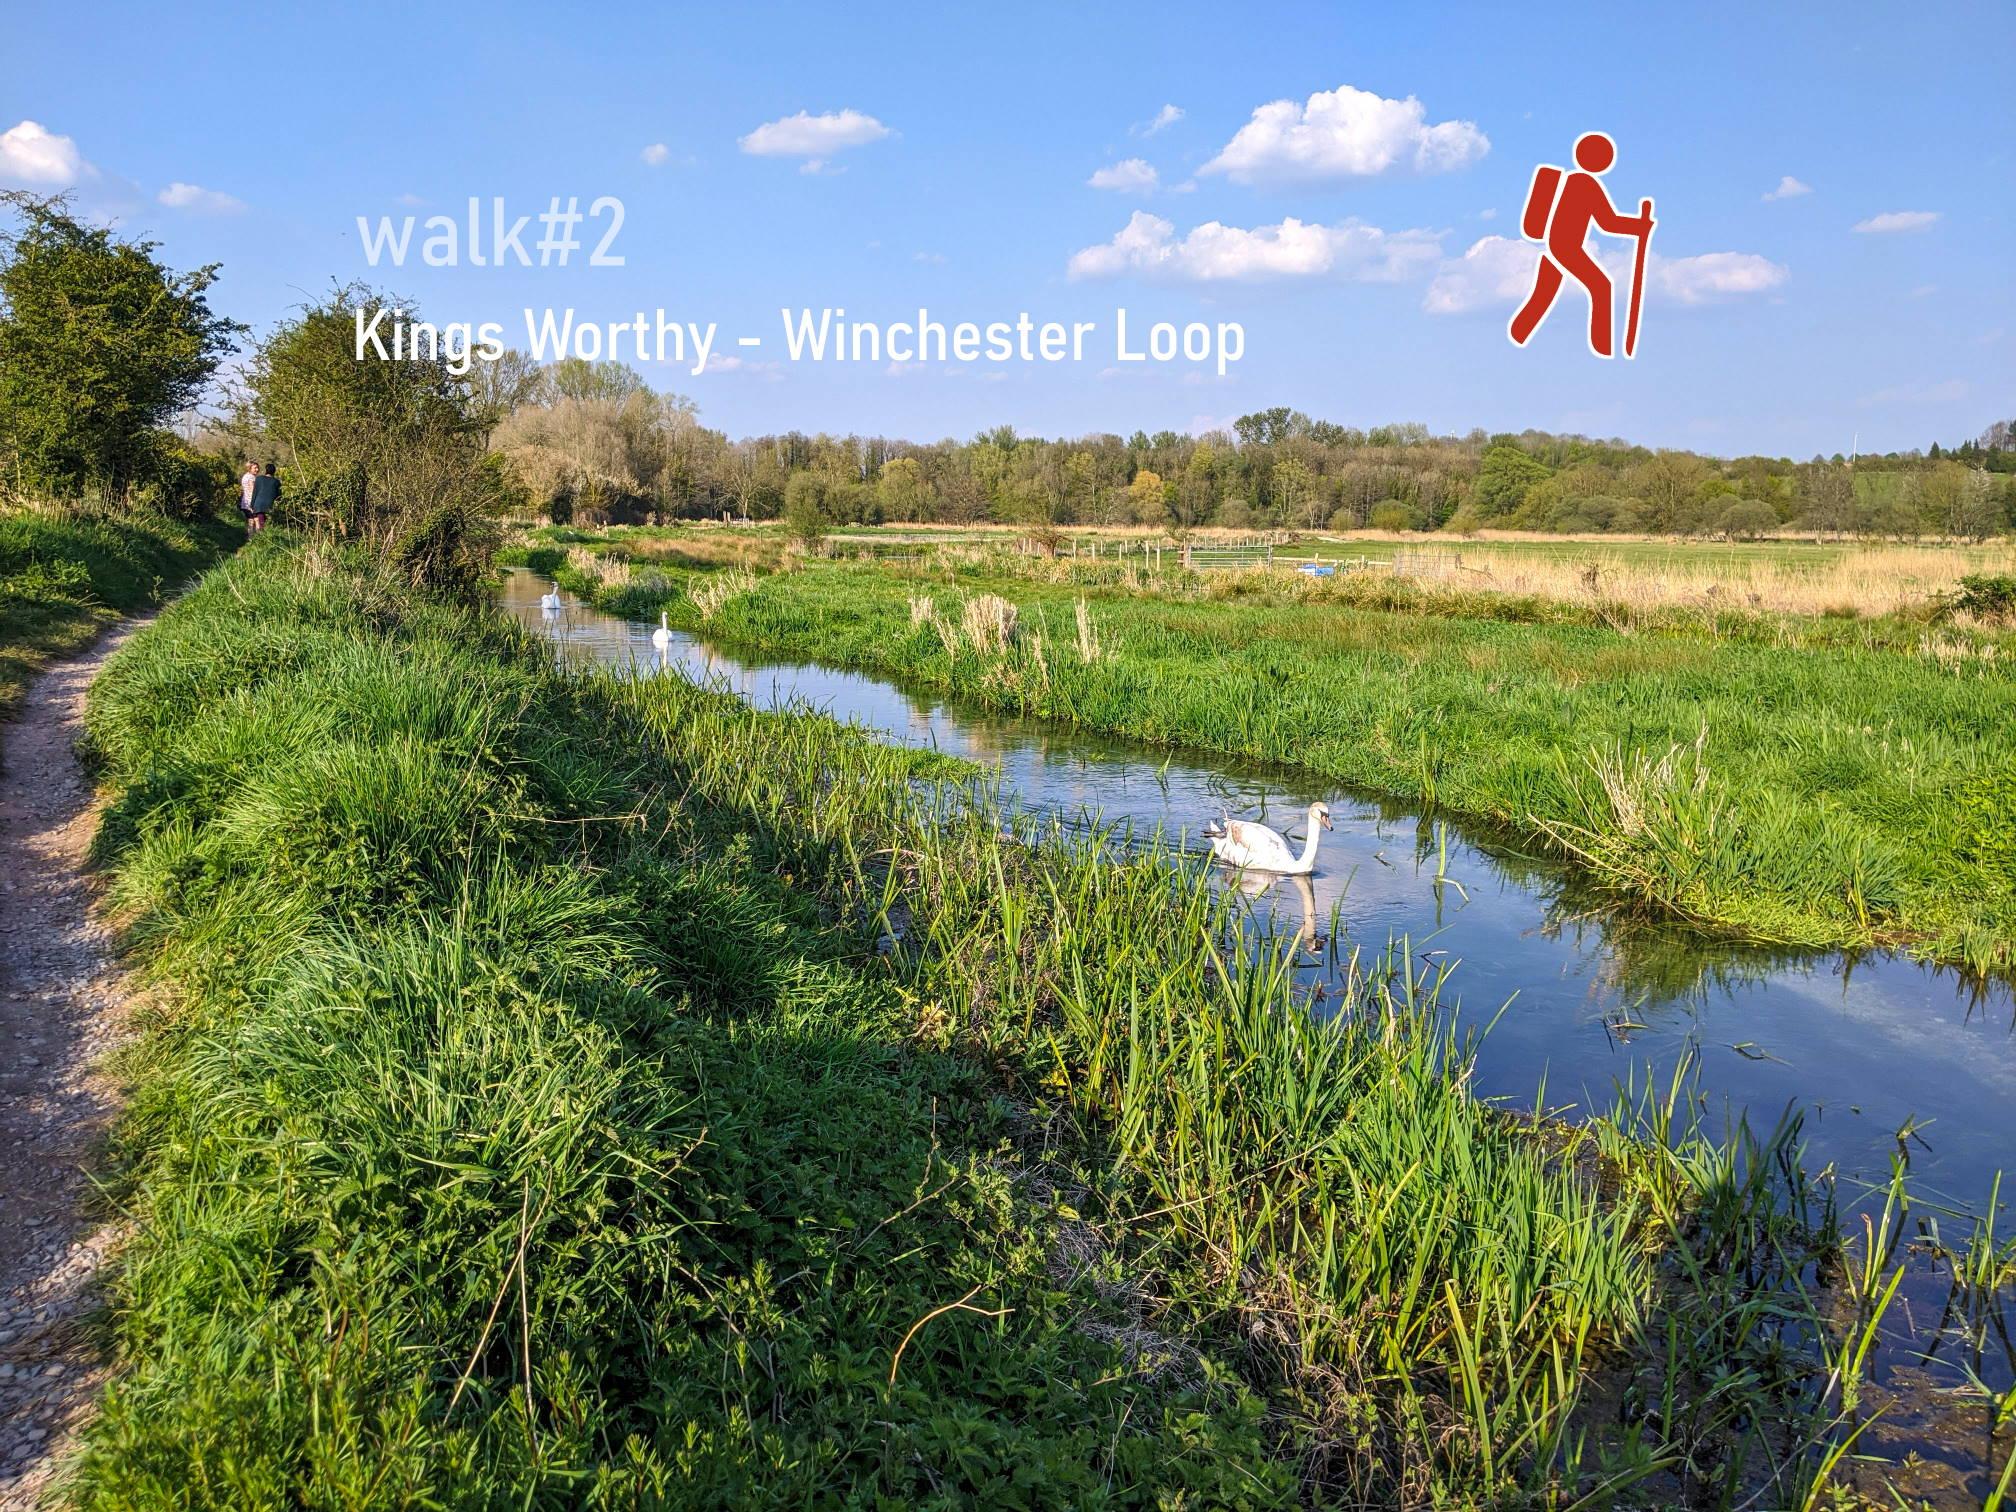 Kings Worthy - Winchester loop